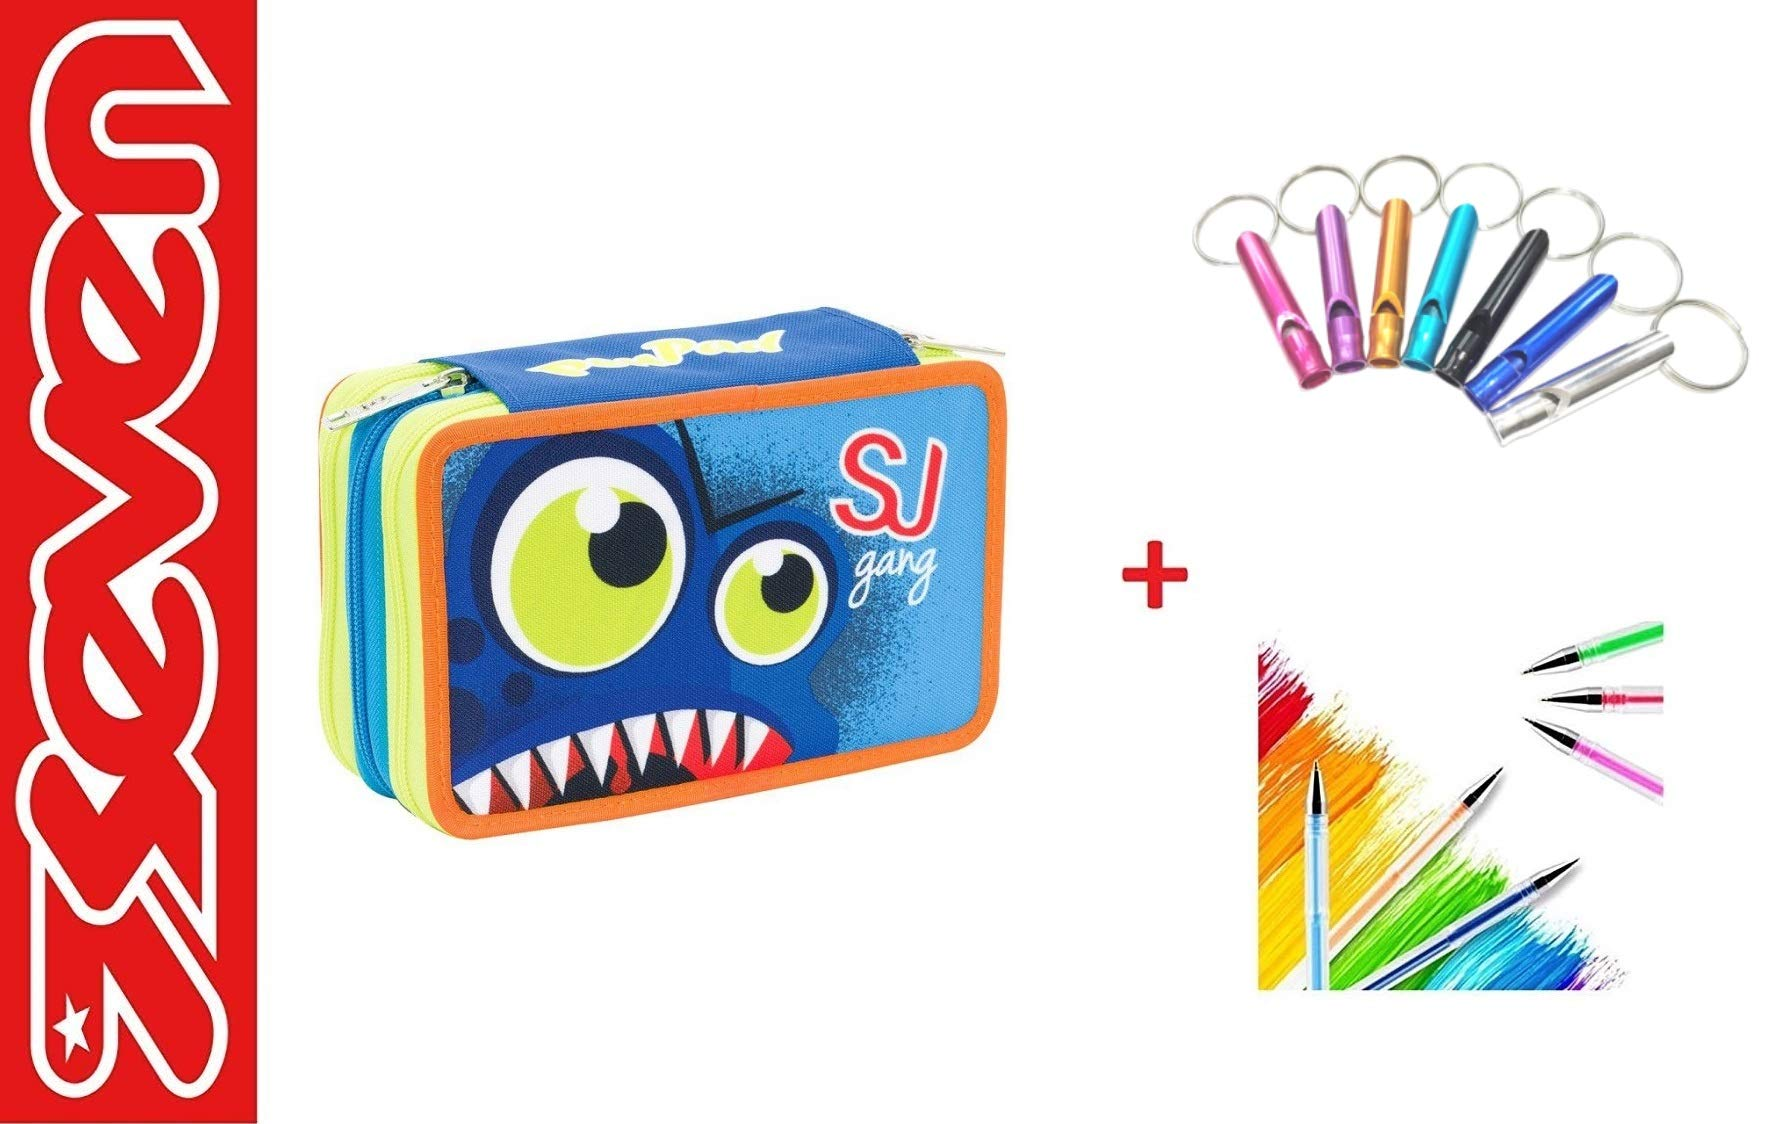 Estuche Seven SJ Gang Boy para niño con dientes azules PEN PAD Escuela 3 pisos completo + llavero silbato + bolígrafo de colores